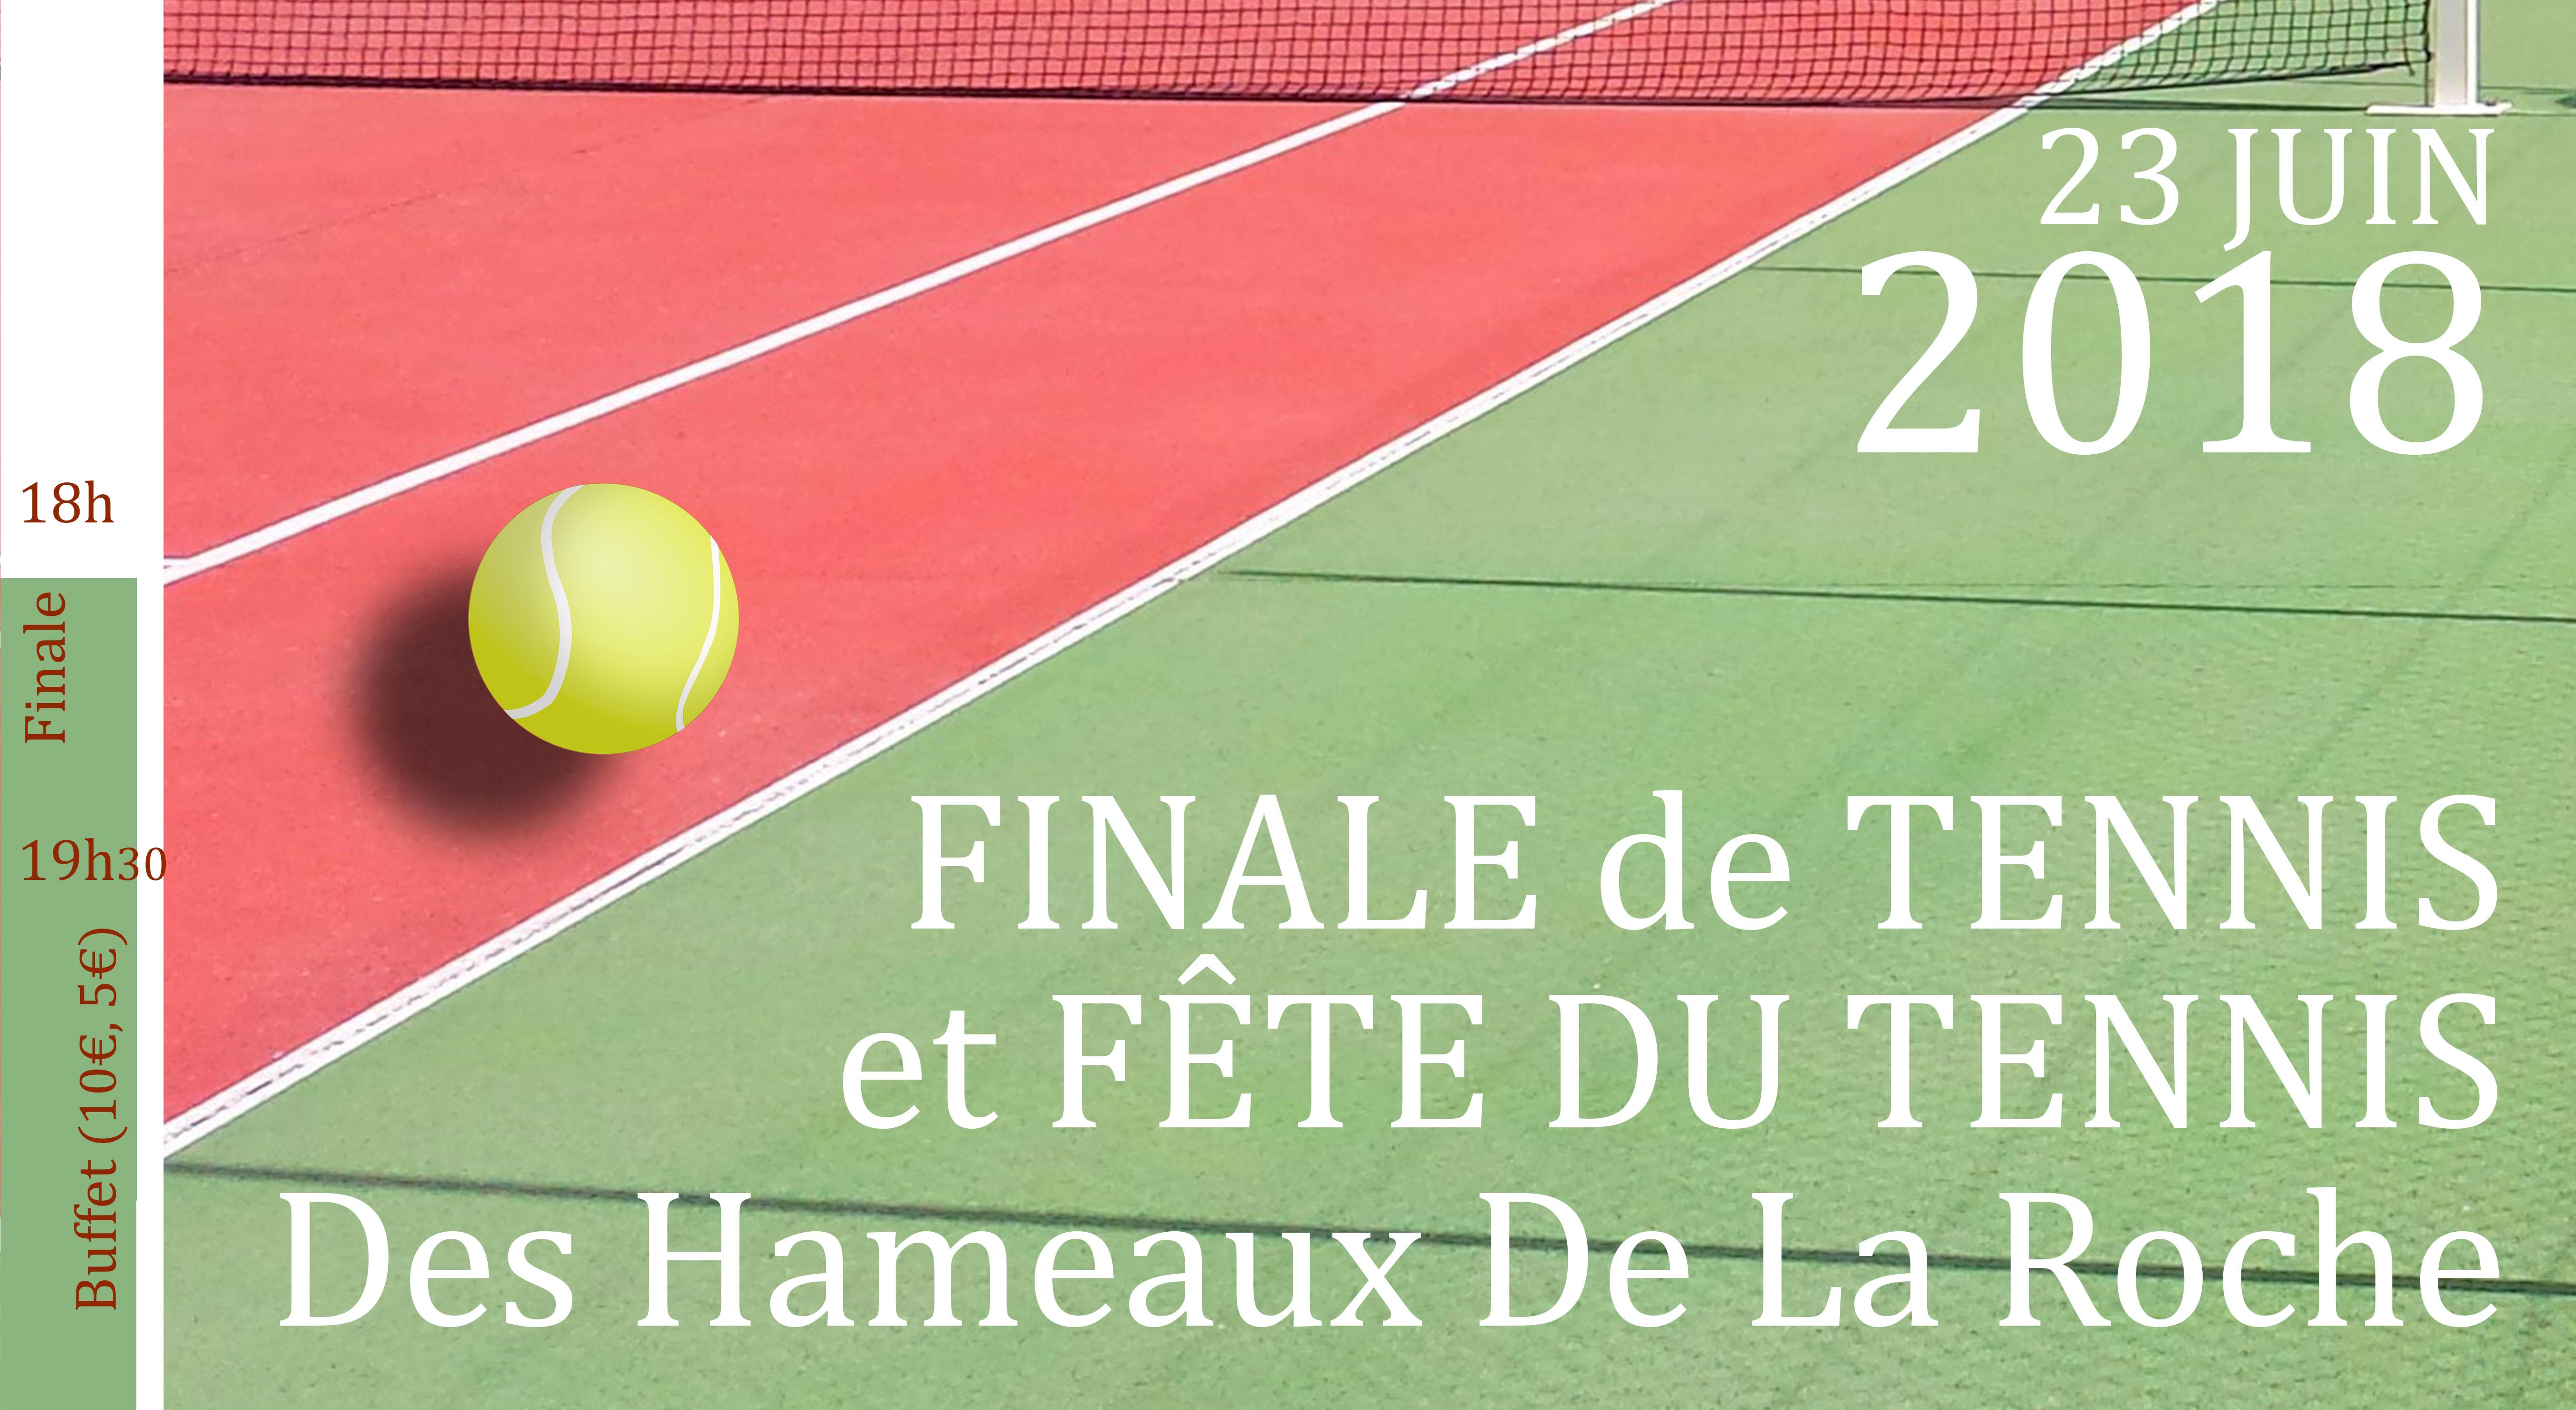 affiche-finale-tennis2018-banniere-horizontale